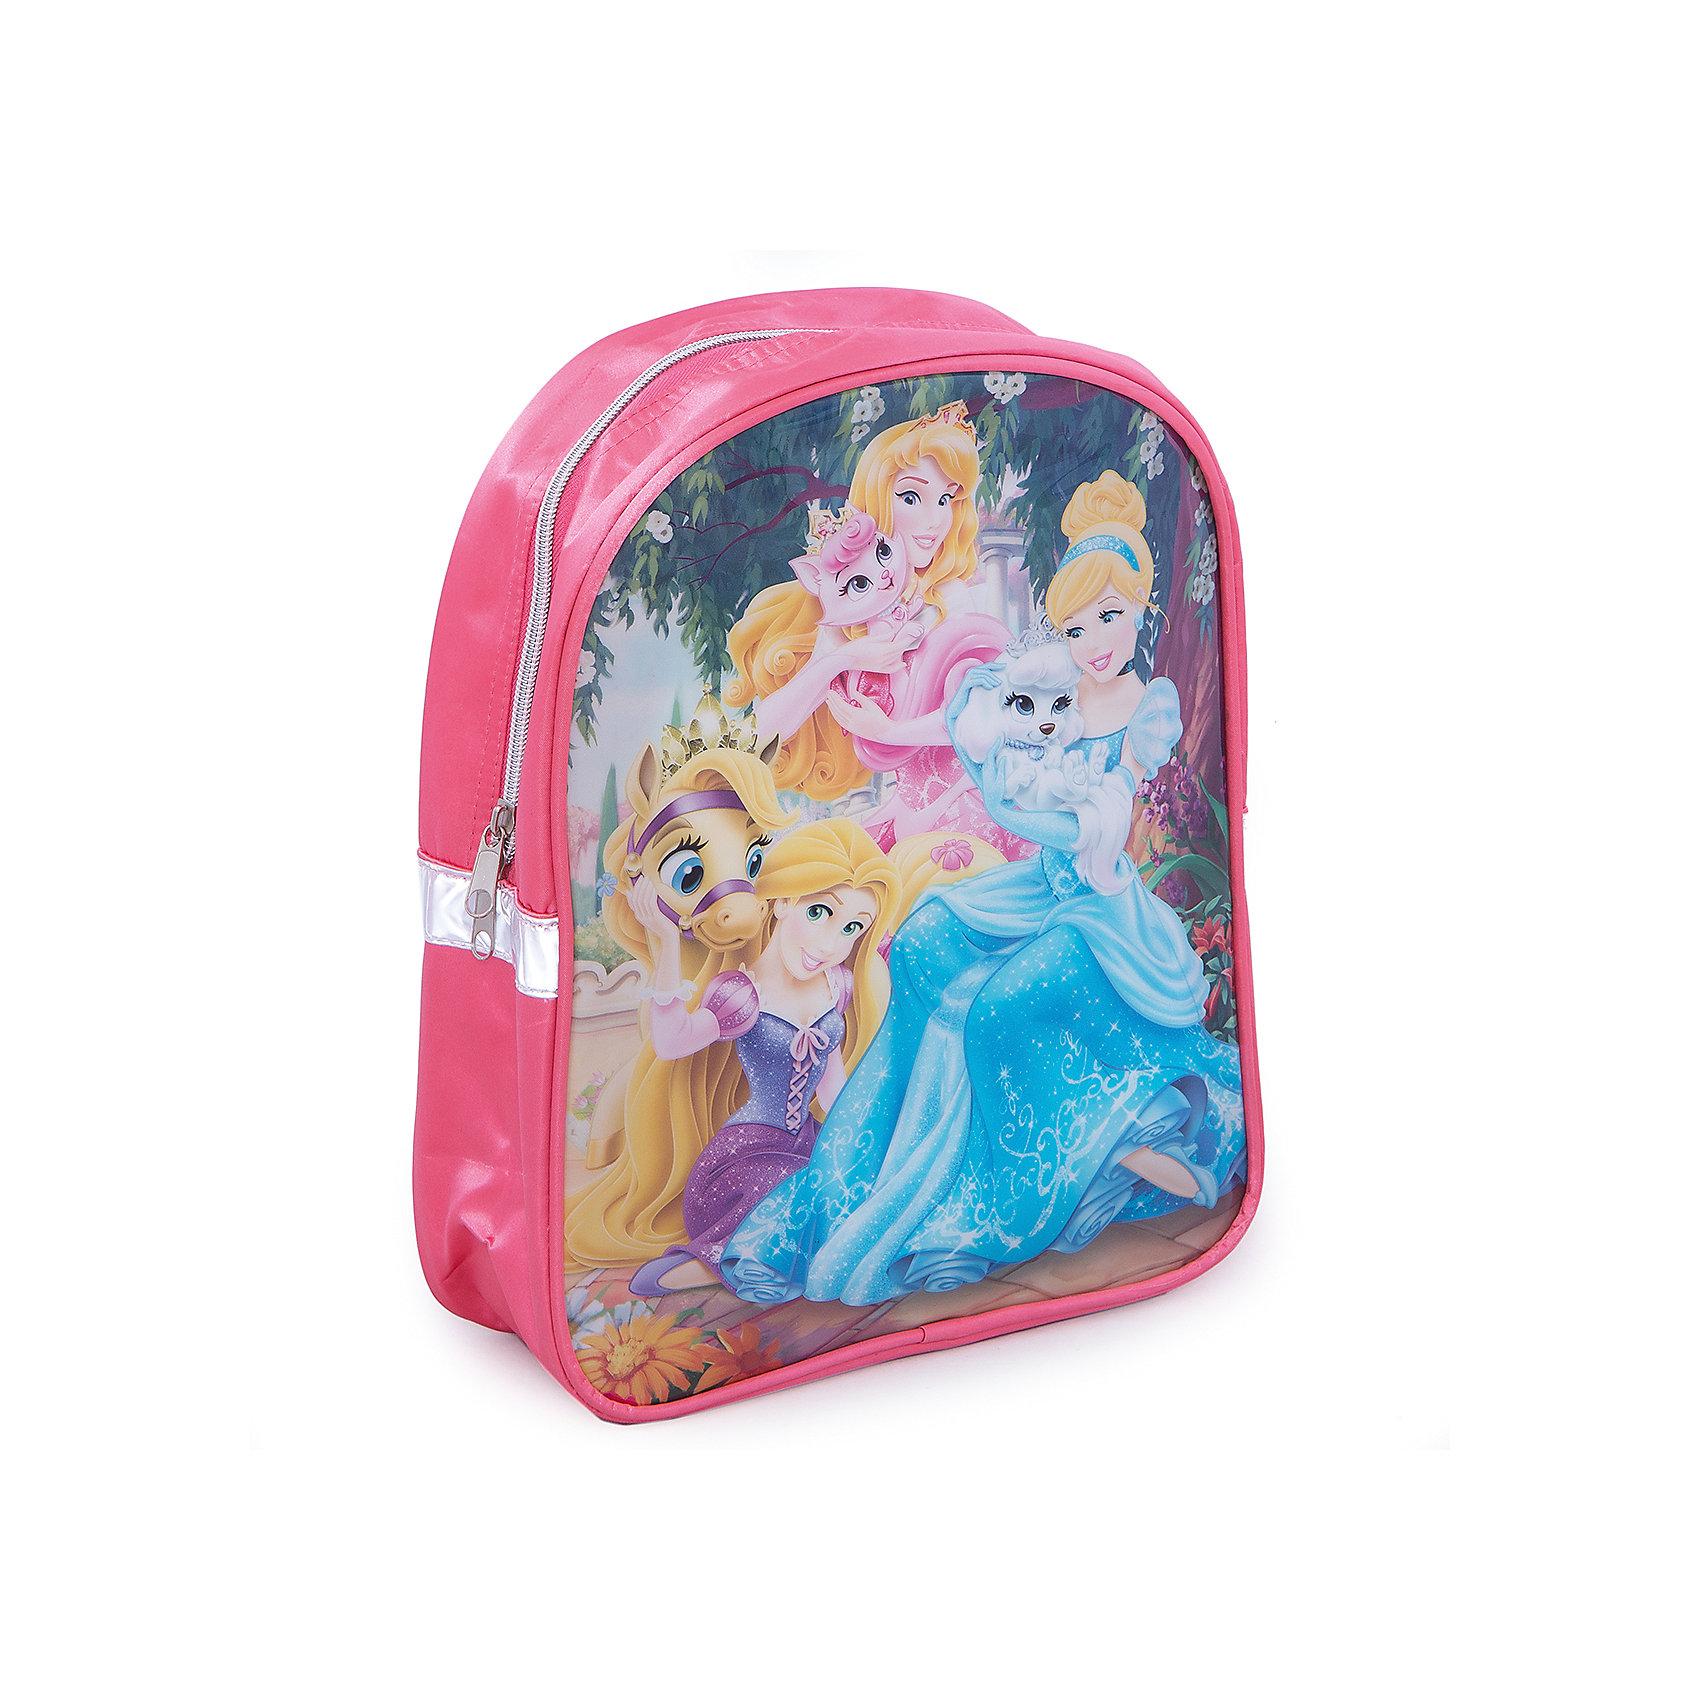 Дошкольный рюкзак ПринцессаПринцессы Дисней<br>Дошкольный рюкзак Принцесса - удобный стильный рюкзак, который замечательно подойдет для прогулок, поездок и путешествий. Рюкзак выполнен из прочного долговечного материала. Привлекательный дизайн с ярко-розовой расцветкой и нарядным изображением принцесс из диснеевских мультфильмов обязательно понравится Вашей девочке. Рюкзак застегивается на застежку-молнию, внутри одно вместительное отделение с небольшим кармашком на молнии. Оснащен удобными, регулируемыми по длине, широкими лямками. Также есть текстильная ручка, за которую можно нести рюкзак. Светоотражающие элементы обеспечивают безопасность в темное время суток. <br><br>Дополнительная информация:<br><br>- Материал: полиэстер, ПВХ (поливинилхлорид), текстиль, металл. <br>- Размер рюкзака: 23 х 9 х 28 см.  <br>- Размер упаковки: 32 х 25 х 10 см.<br>- Вес: 0,223 кг.<br><br>Дошкольный рюкзак Принцесса, Princess, можно купить в нашем интернет-магазине.<br><br>Ширина мм: 100<br>Глубина мм: 250<br>Высота мм: 320<br>Вес г: 223<br>Возраст от месяцев: 36<br>Возраст до месяцев: 84<br>Пол: Женский<br>Возраст: Детский<br>SKU: 4413566